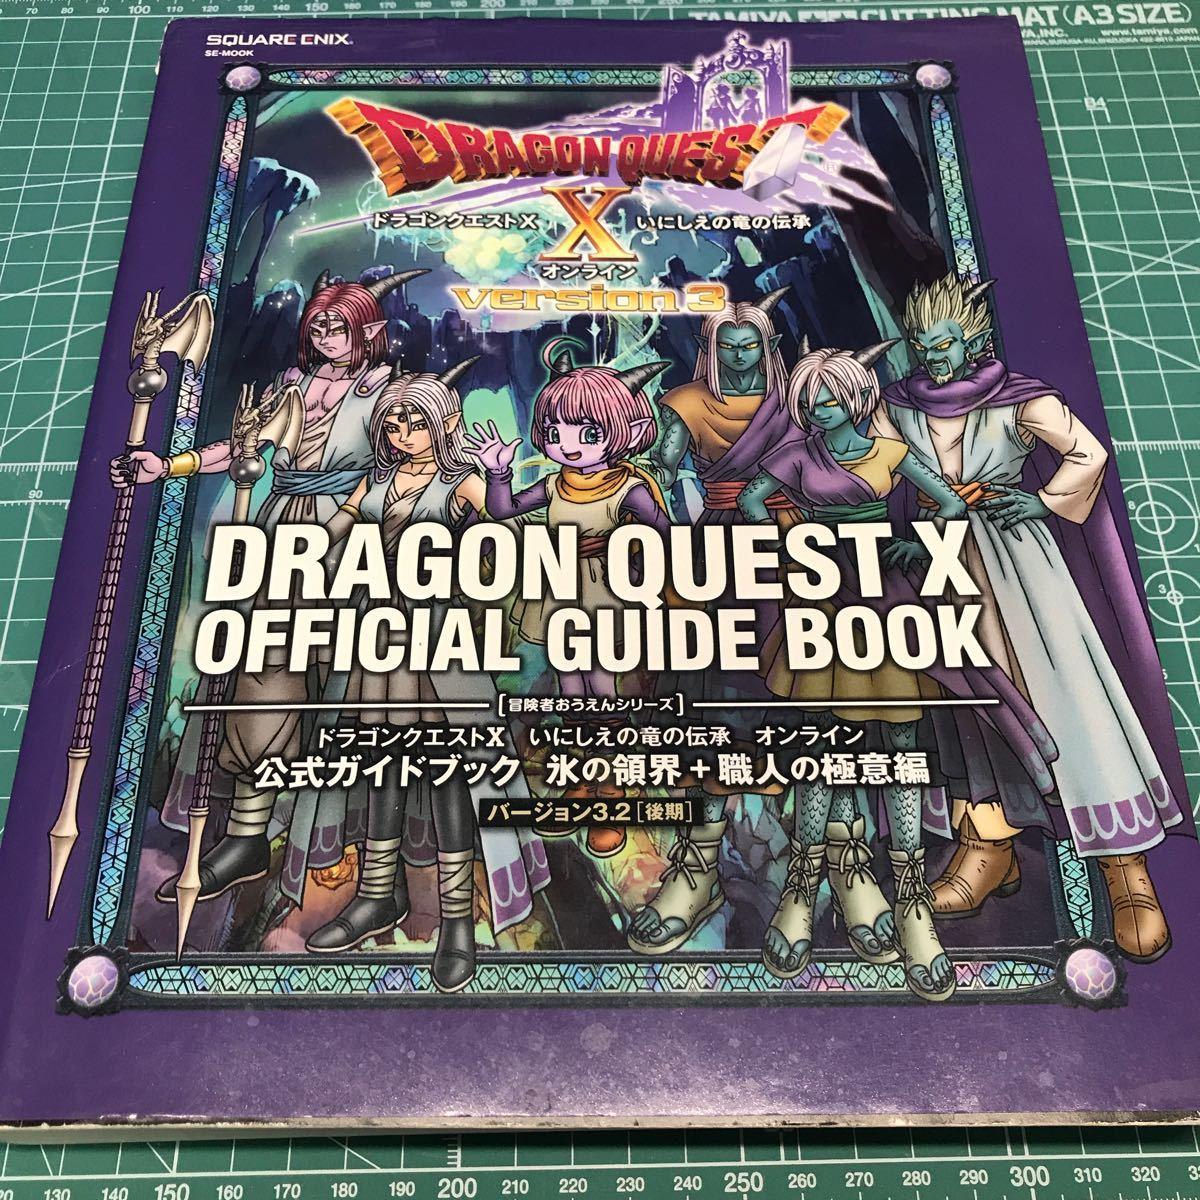 ドラゴンクエストXいにしえの竜の伝承オンライン公式ガイドブックバージョン3.2〈後期〉氷の領界+職人